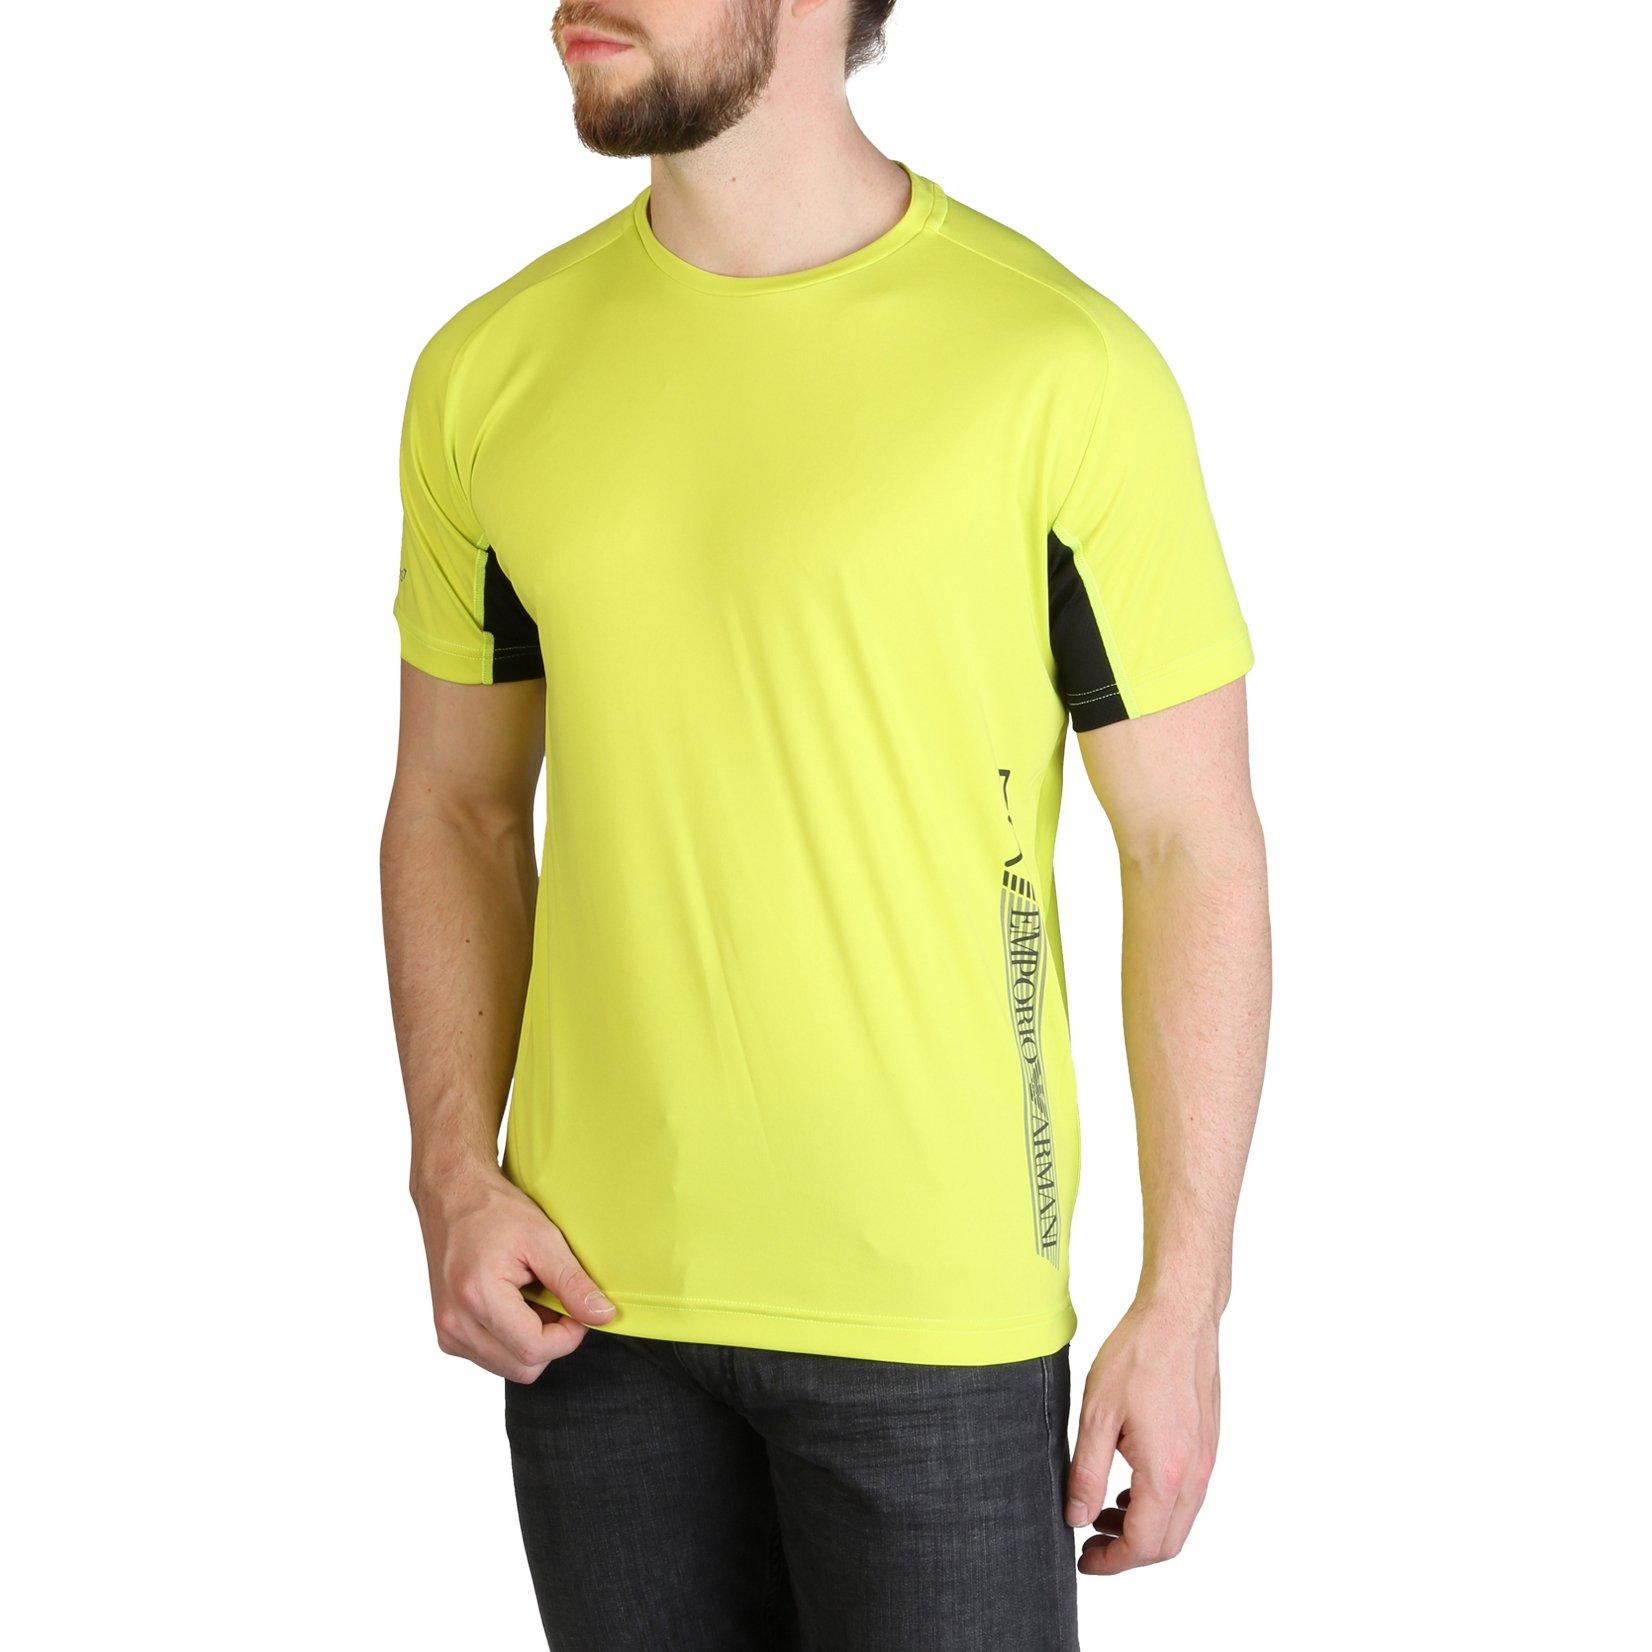 EA7 Men's T-Shirt Various Colours 3GPT44_PJH6Z - yellow S